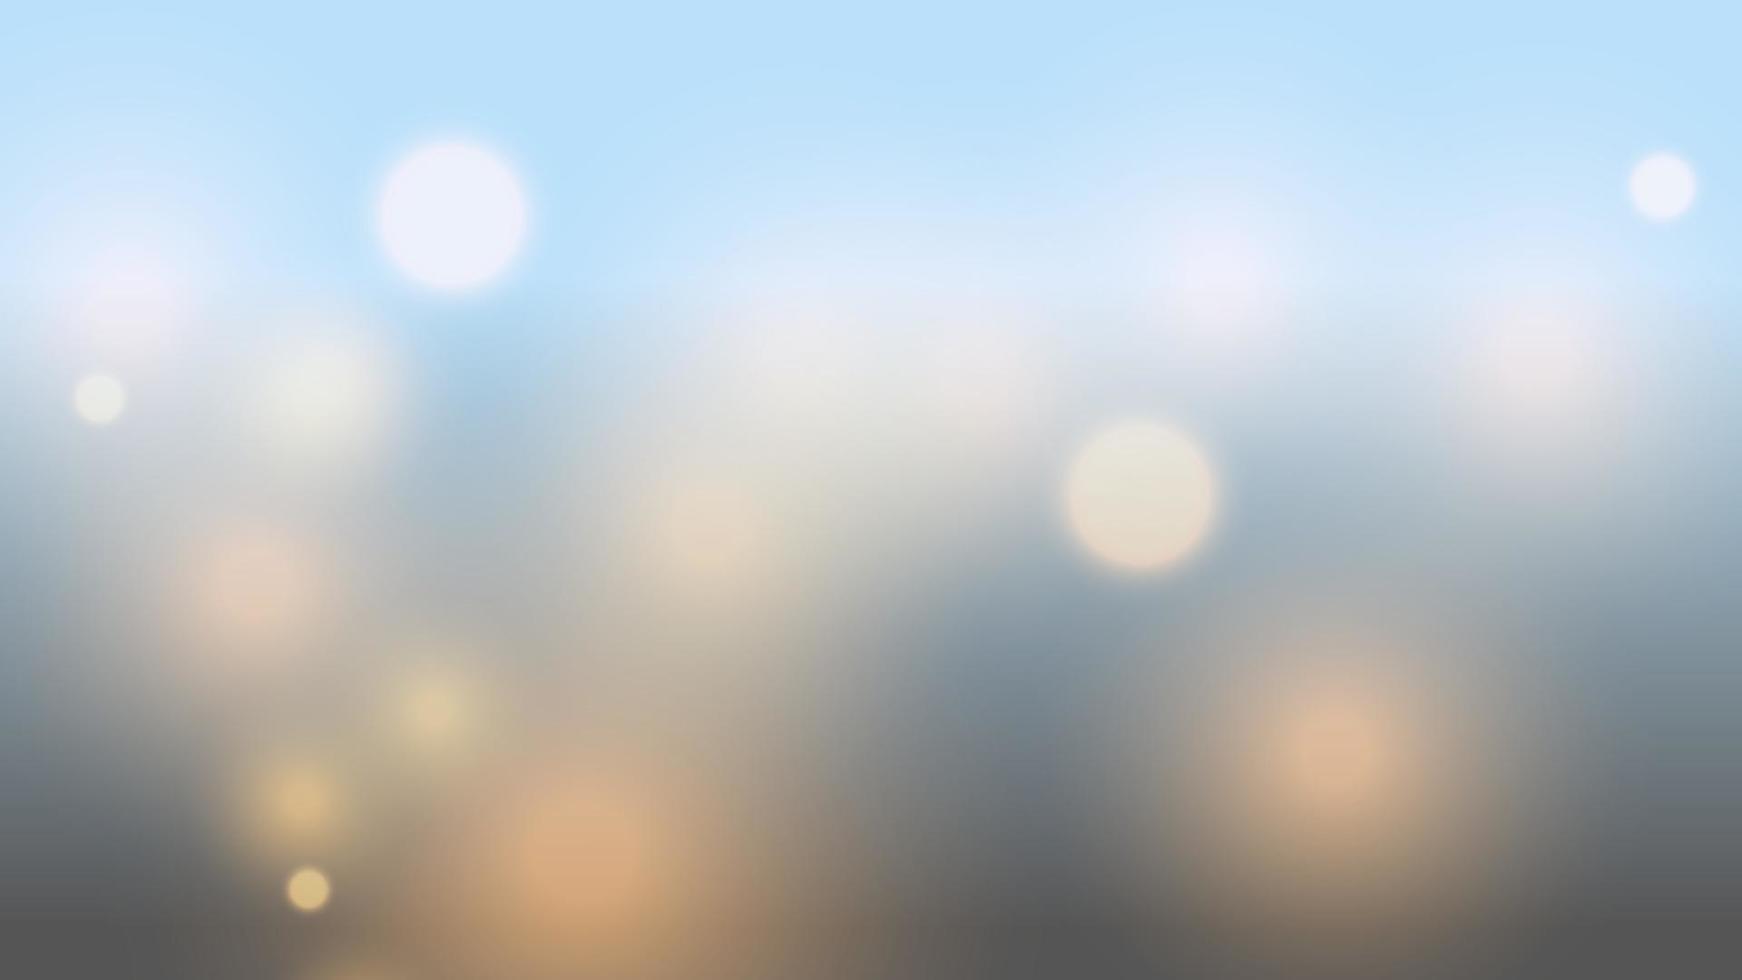 abstracte bokeh lichte achtergrond illustratie vector